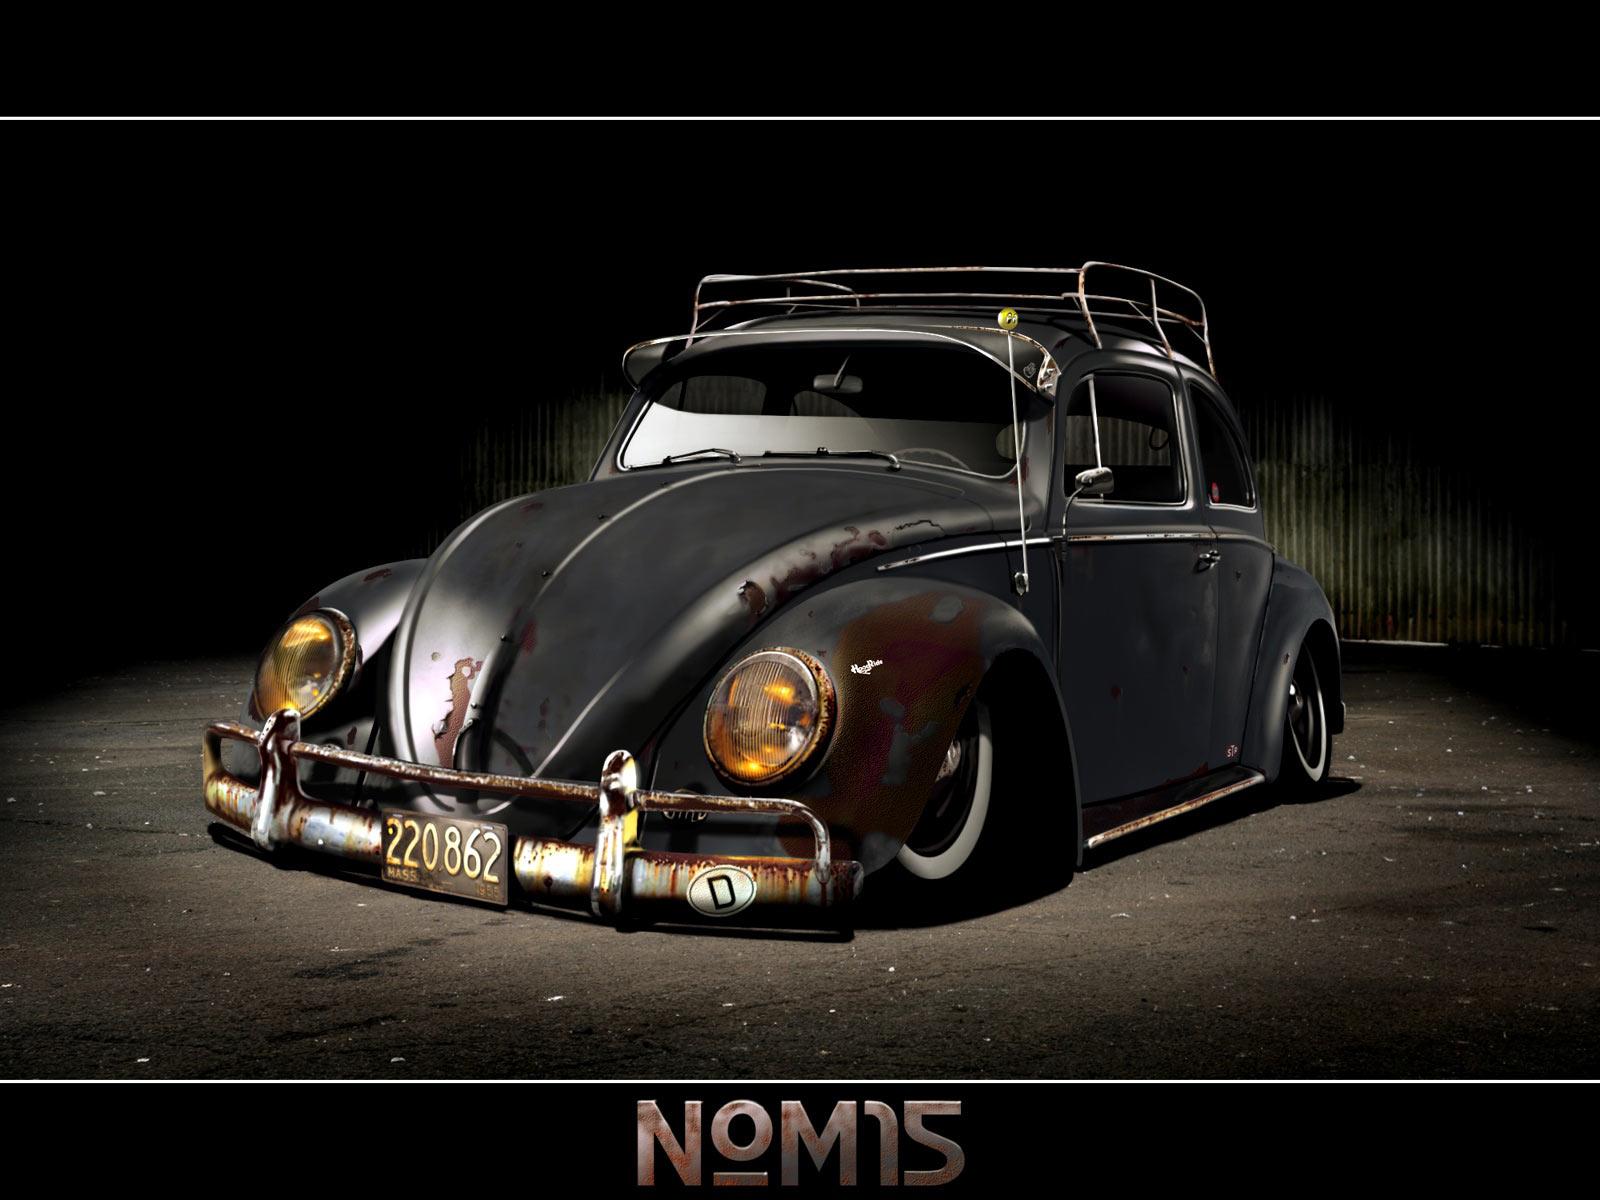 http://2.bp.blogspot.com/-EHxYl-3vgeo/TplNLtFbxdI/AAAAAAAAAyw/QM6VCmZwyc4/s1600/old-car-wallpaper-1.jpg